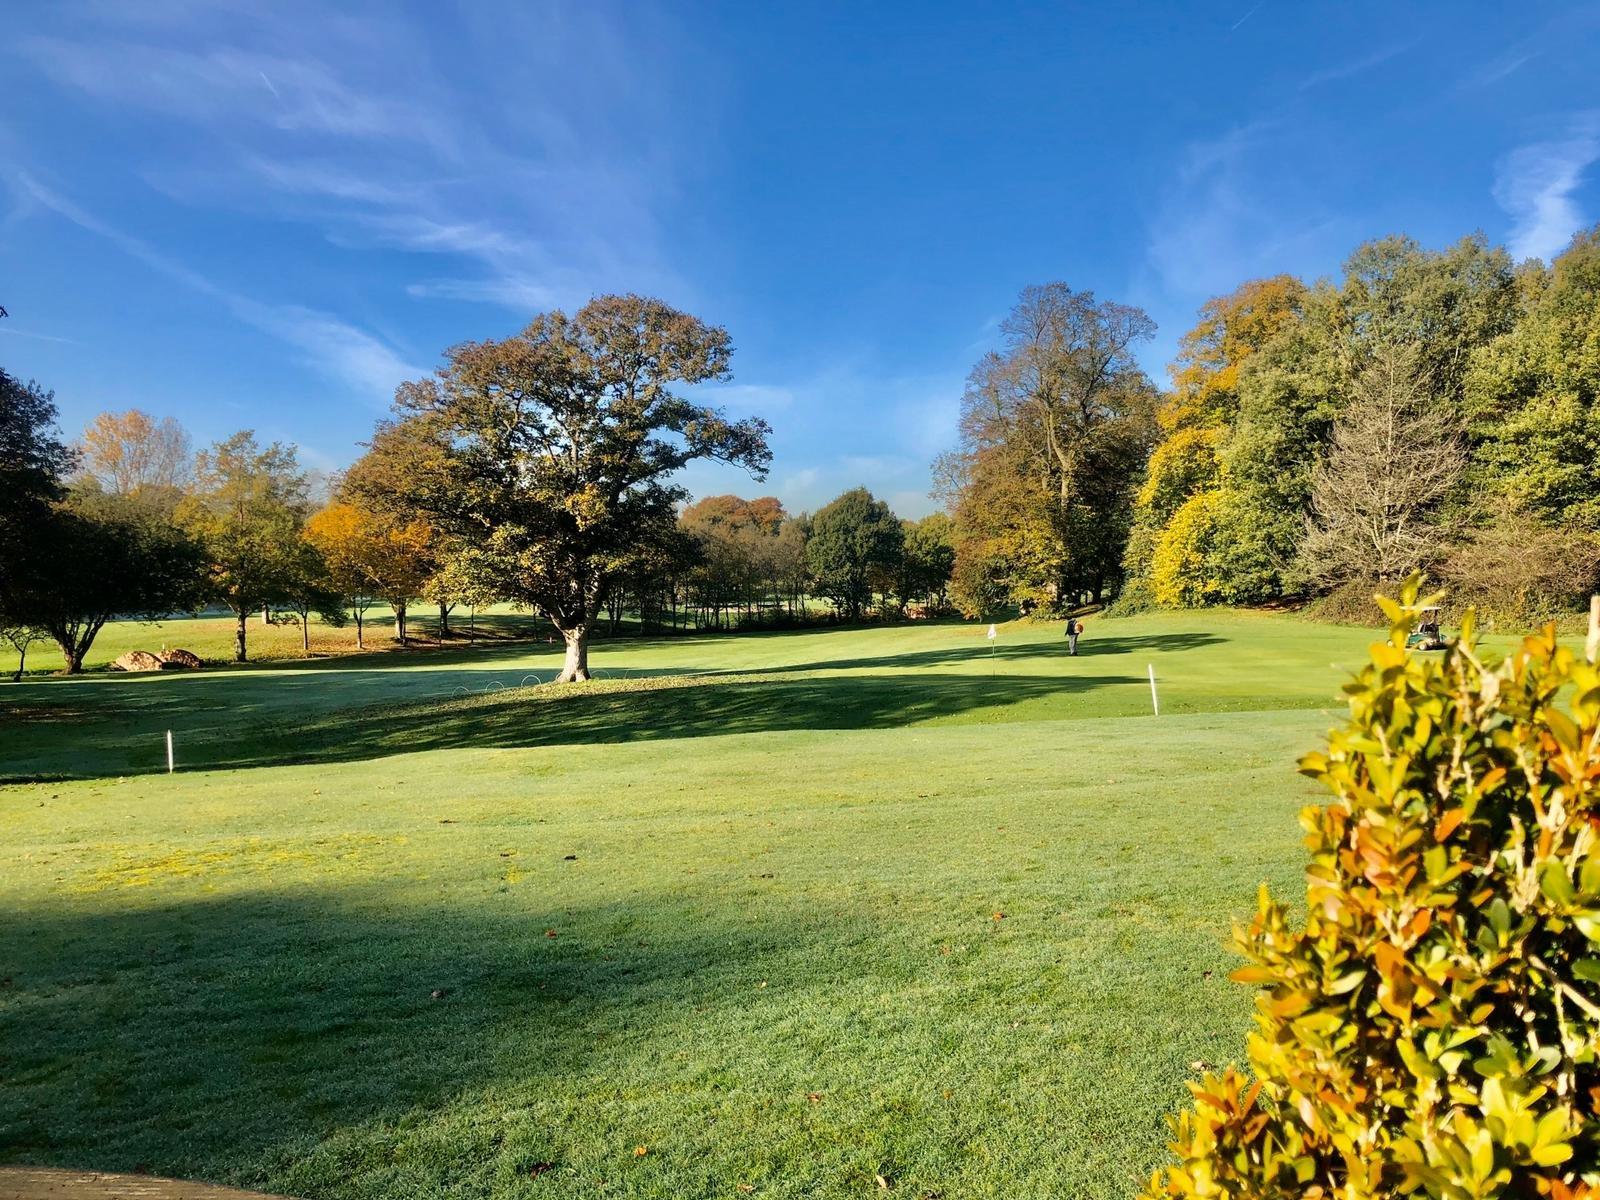 Chorlton-cum-Hardy Golf Club